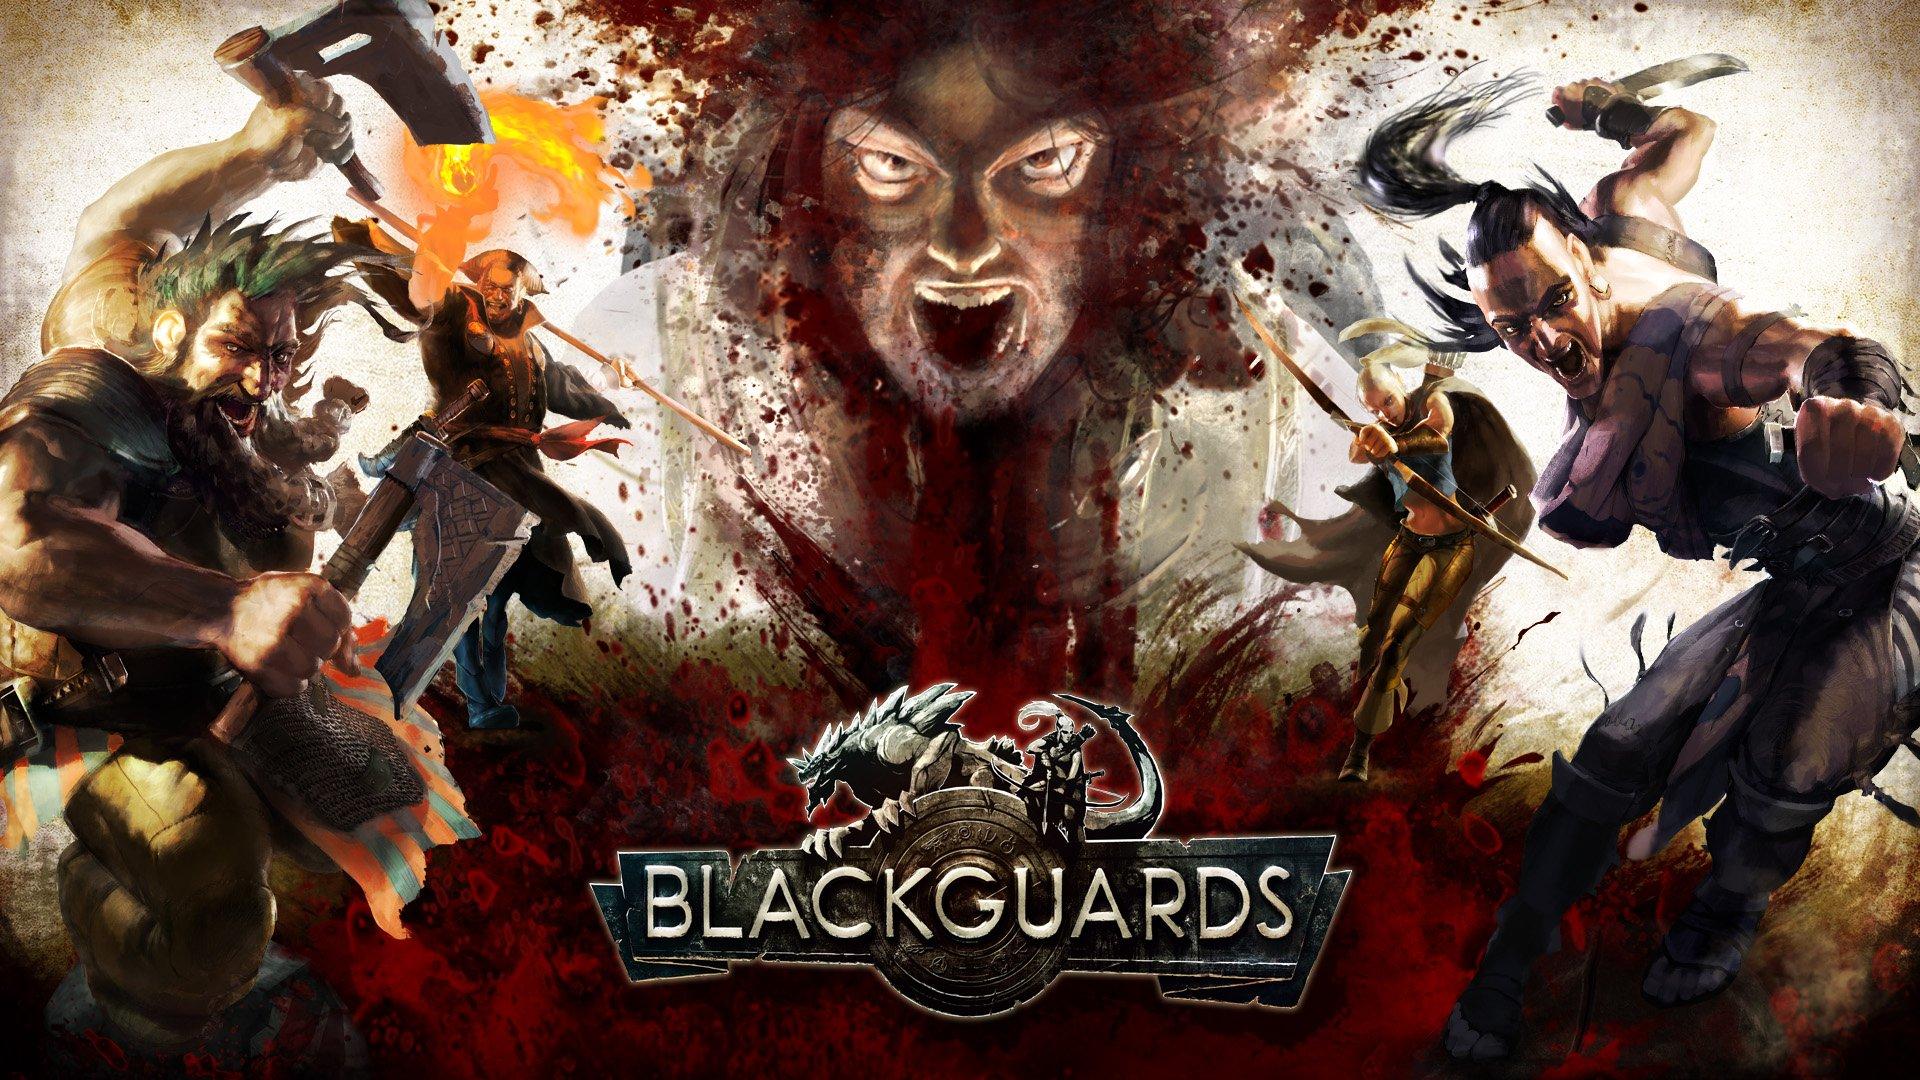 Предзаказ Blackguards - Untold Legends DLC со скидкой 10%!  - Изображение 1